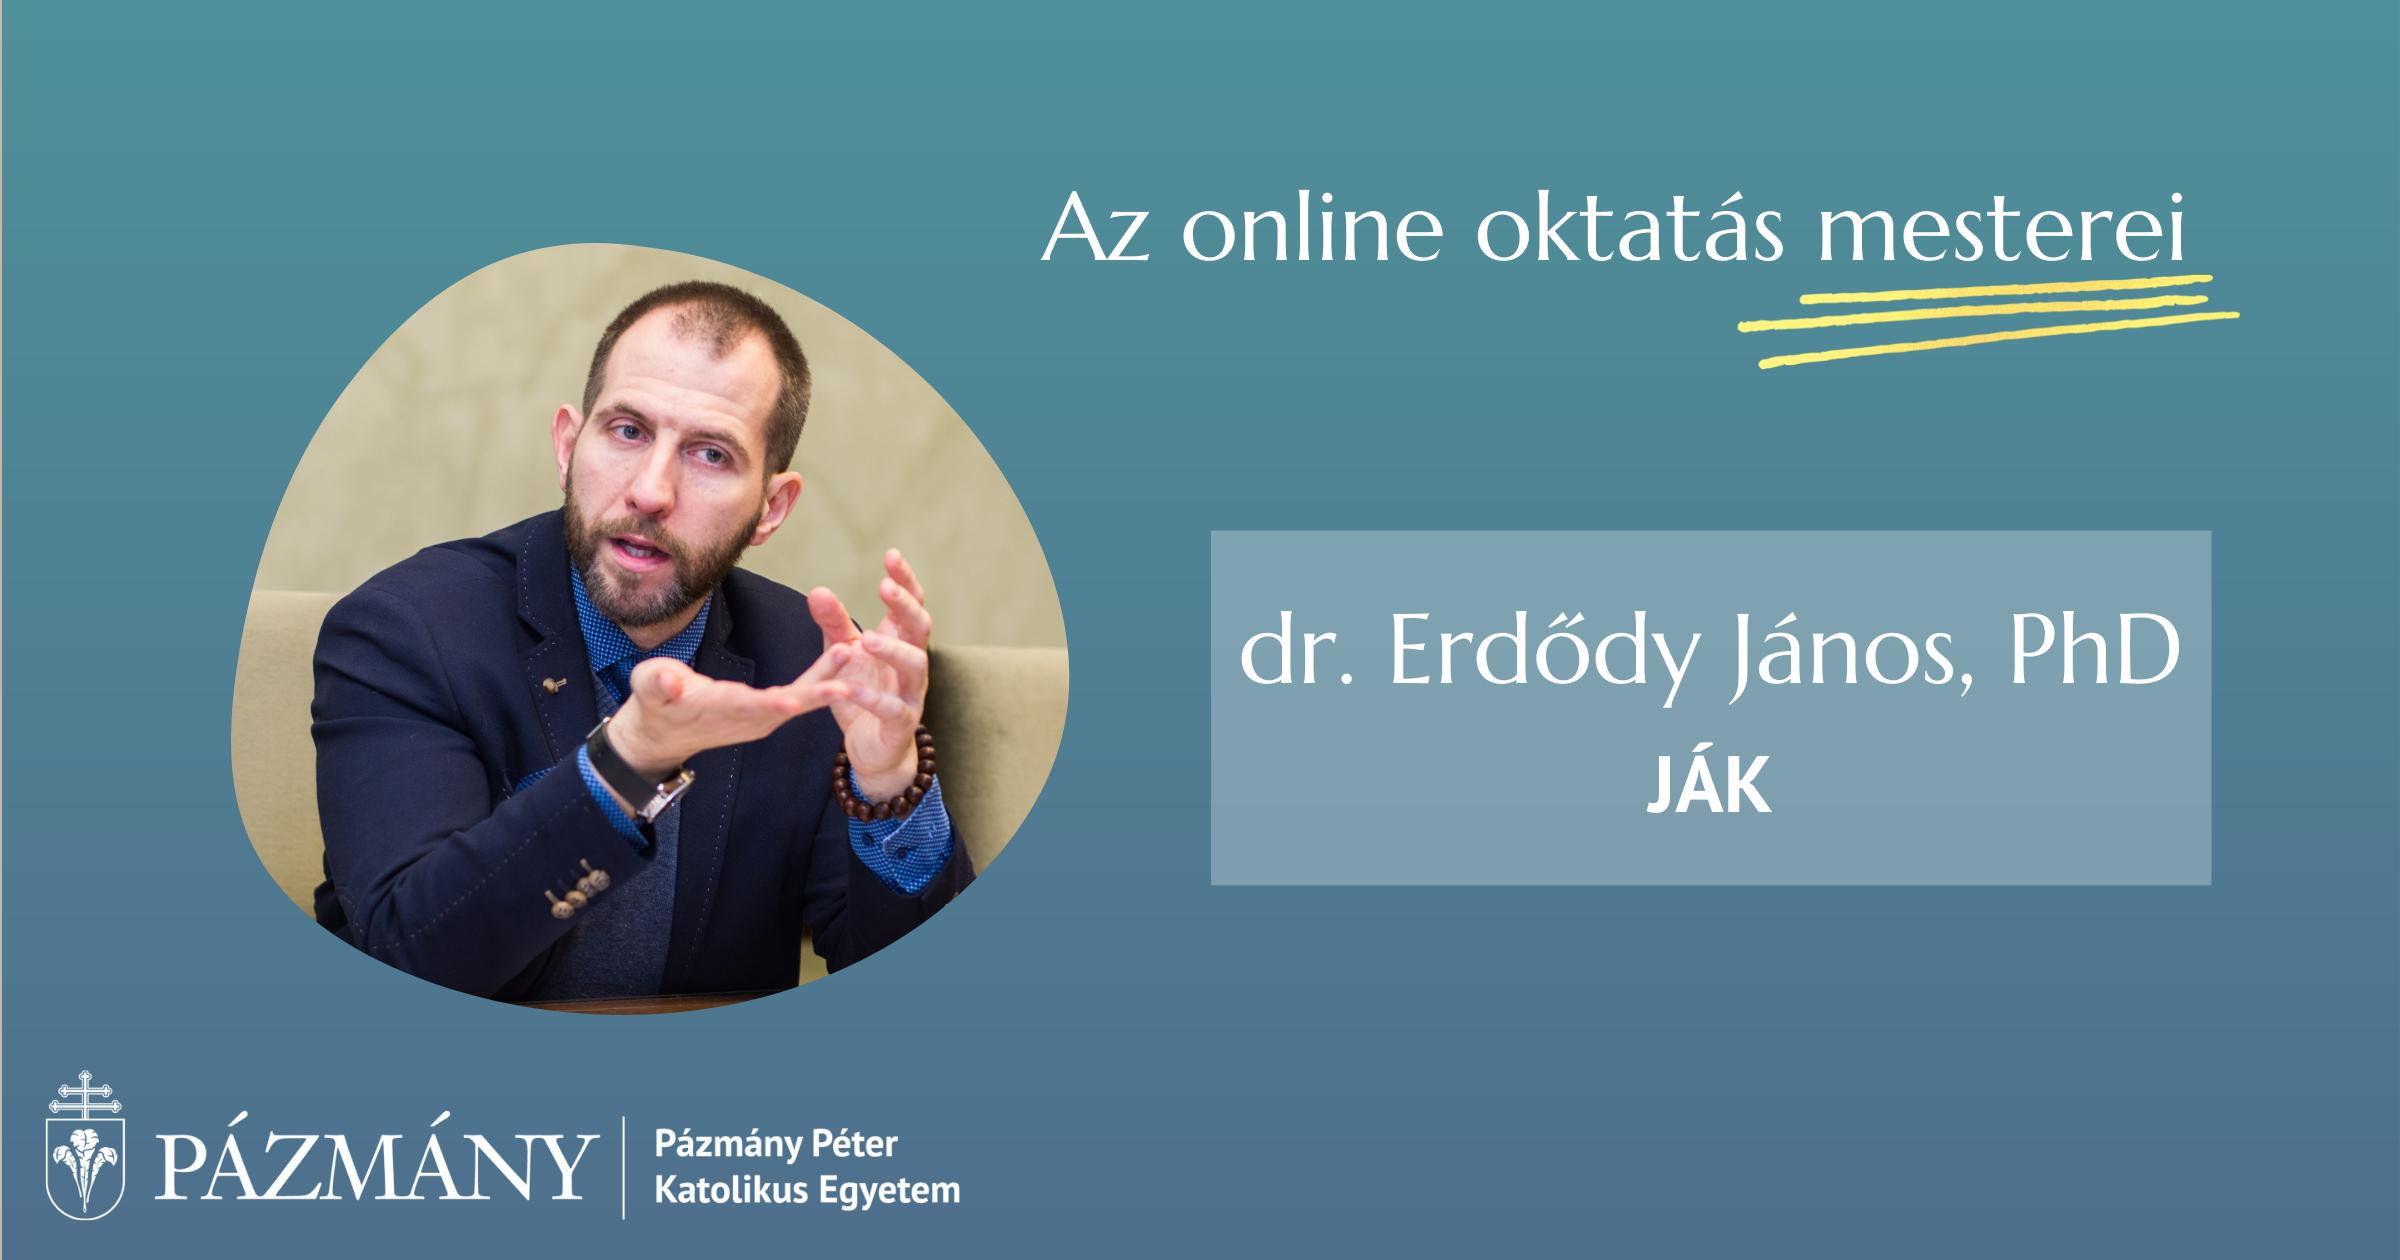 Az online oktatás mesterei: interjú dr. Erdődy Jánossal